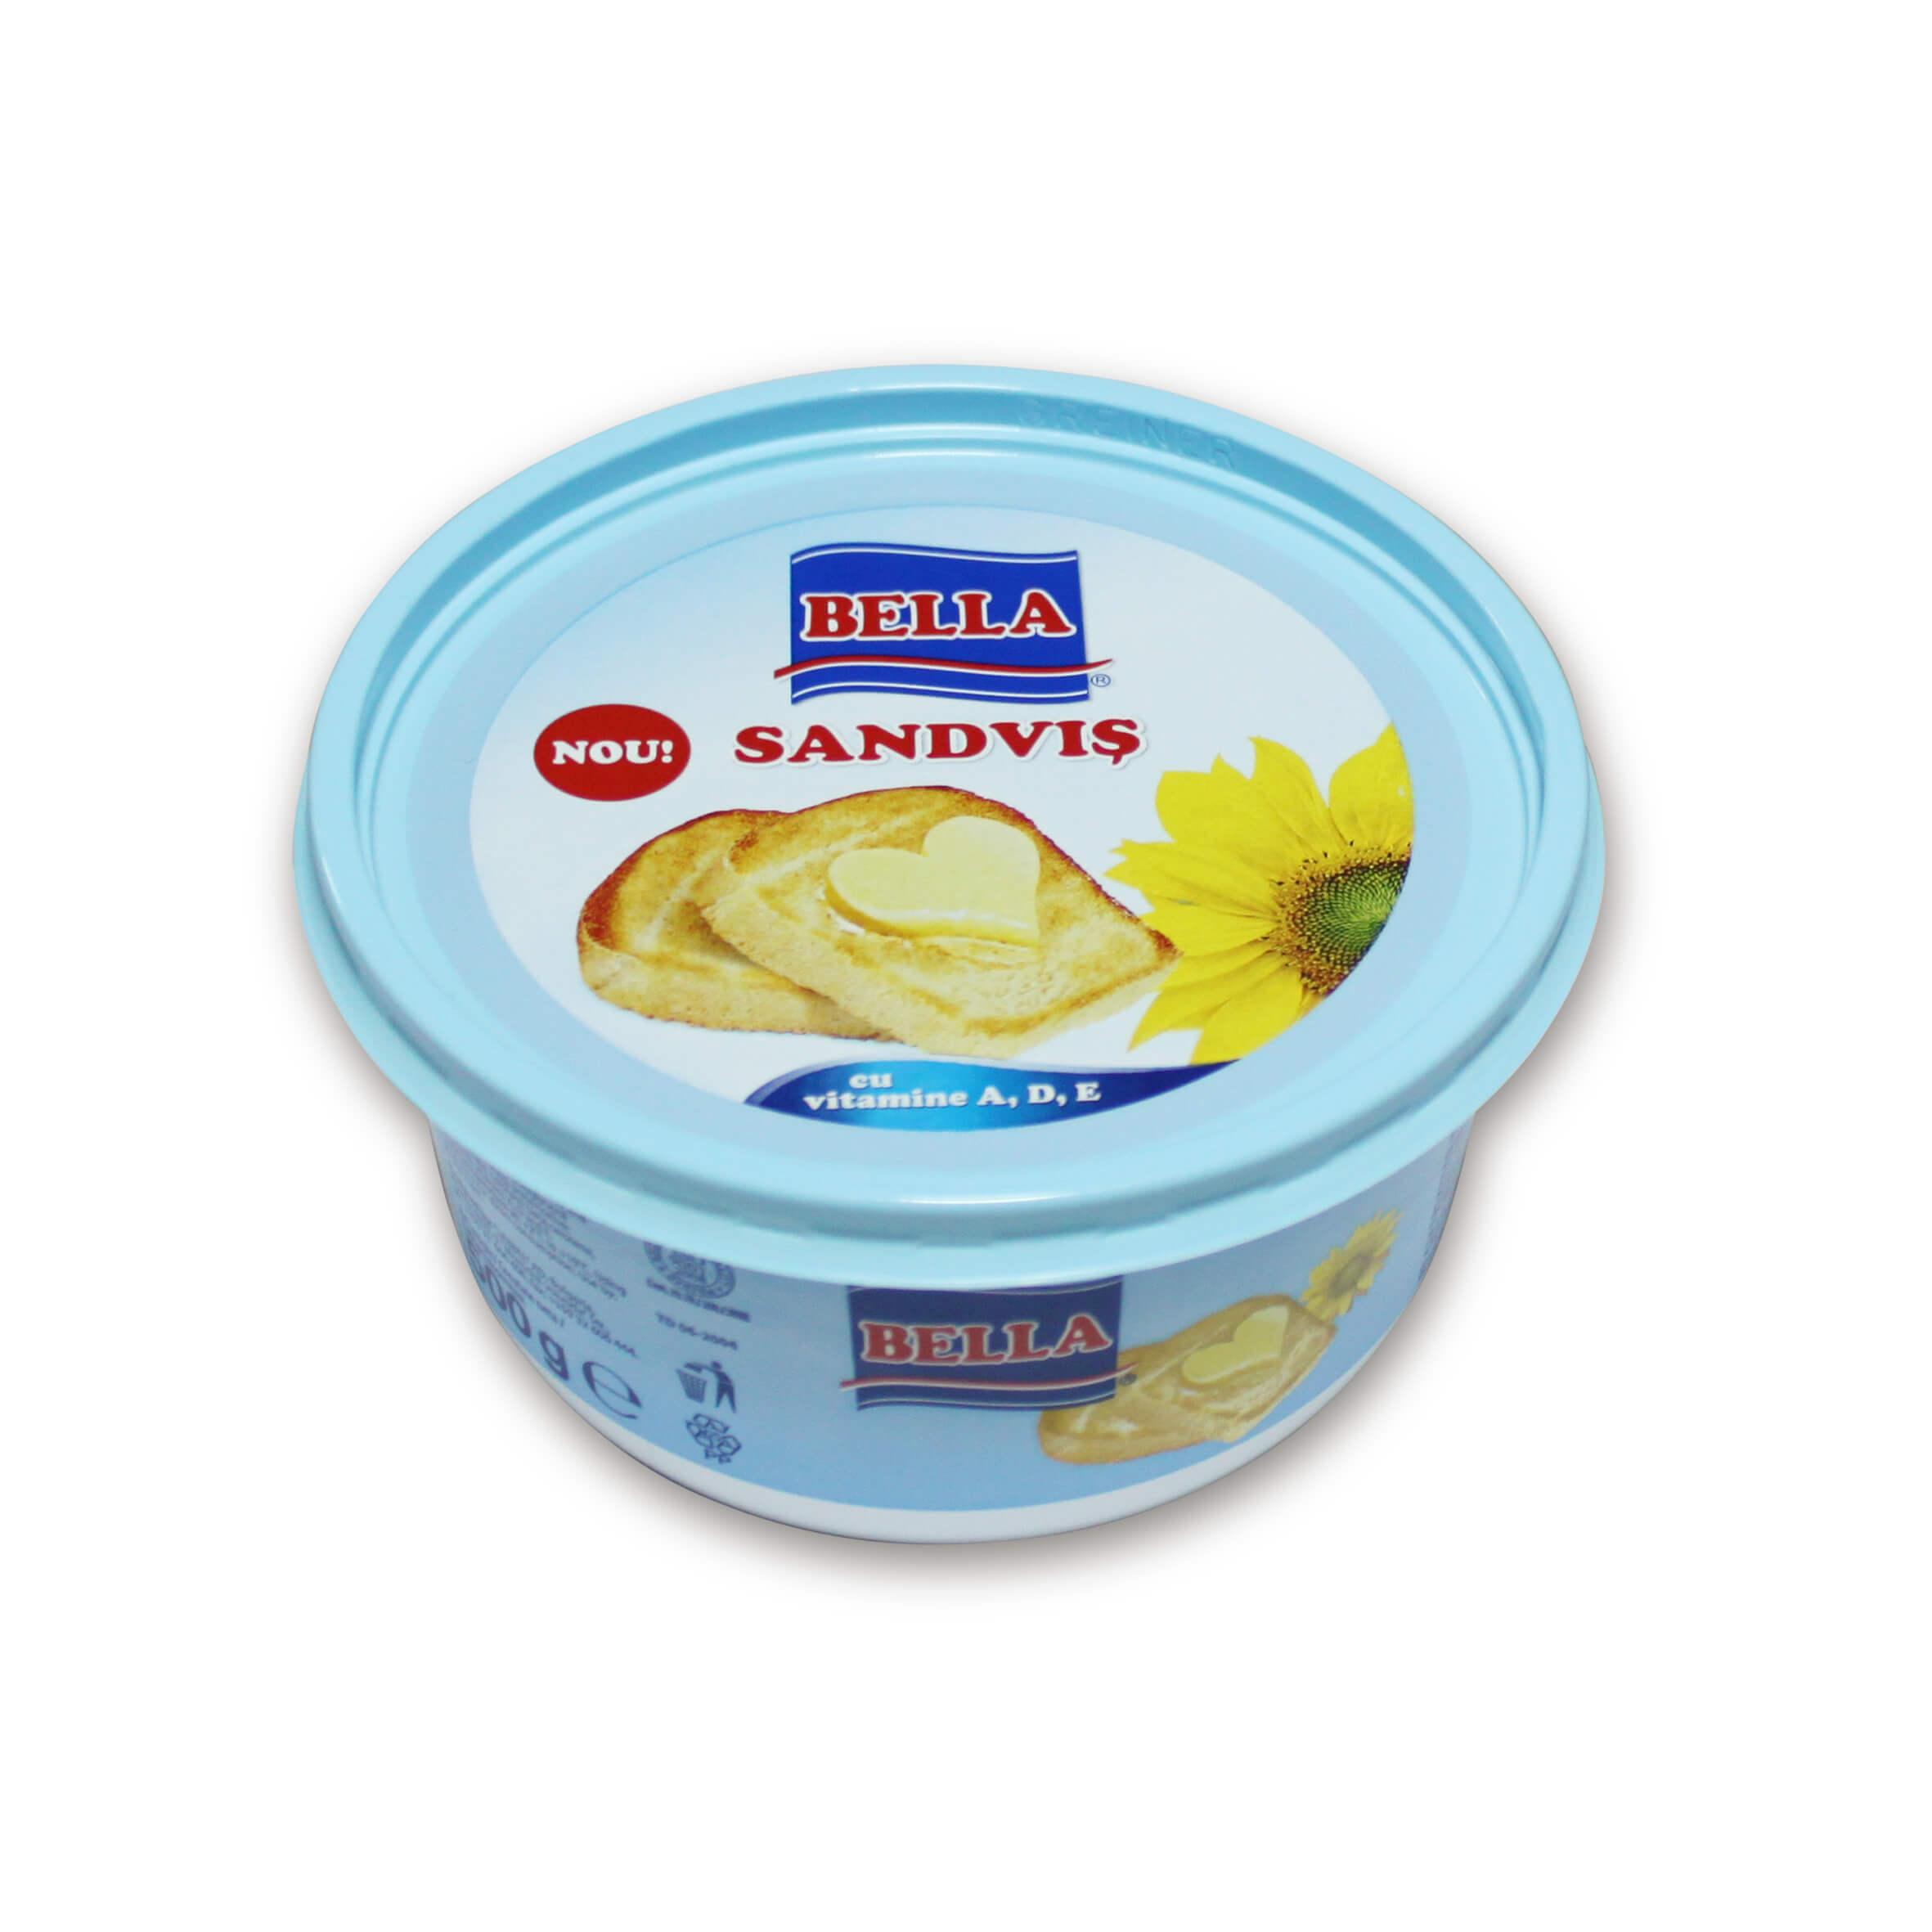 Bella Margarine Sandwich